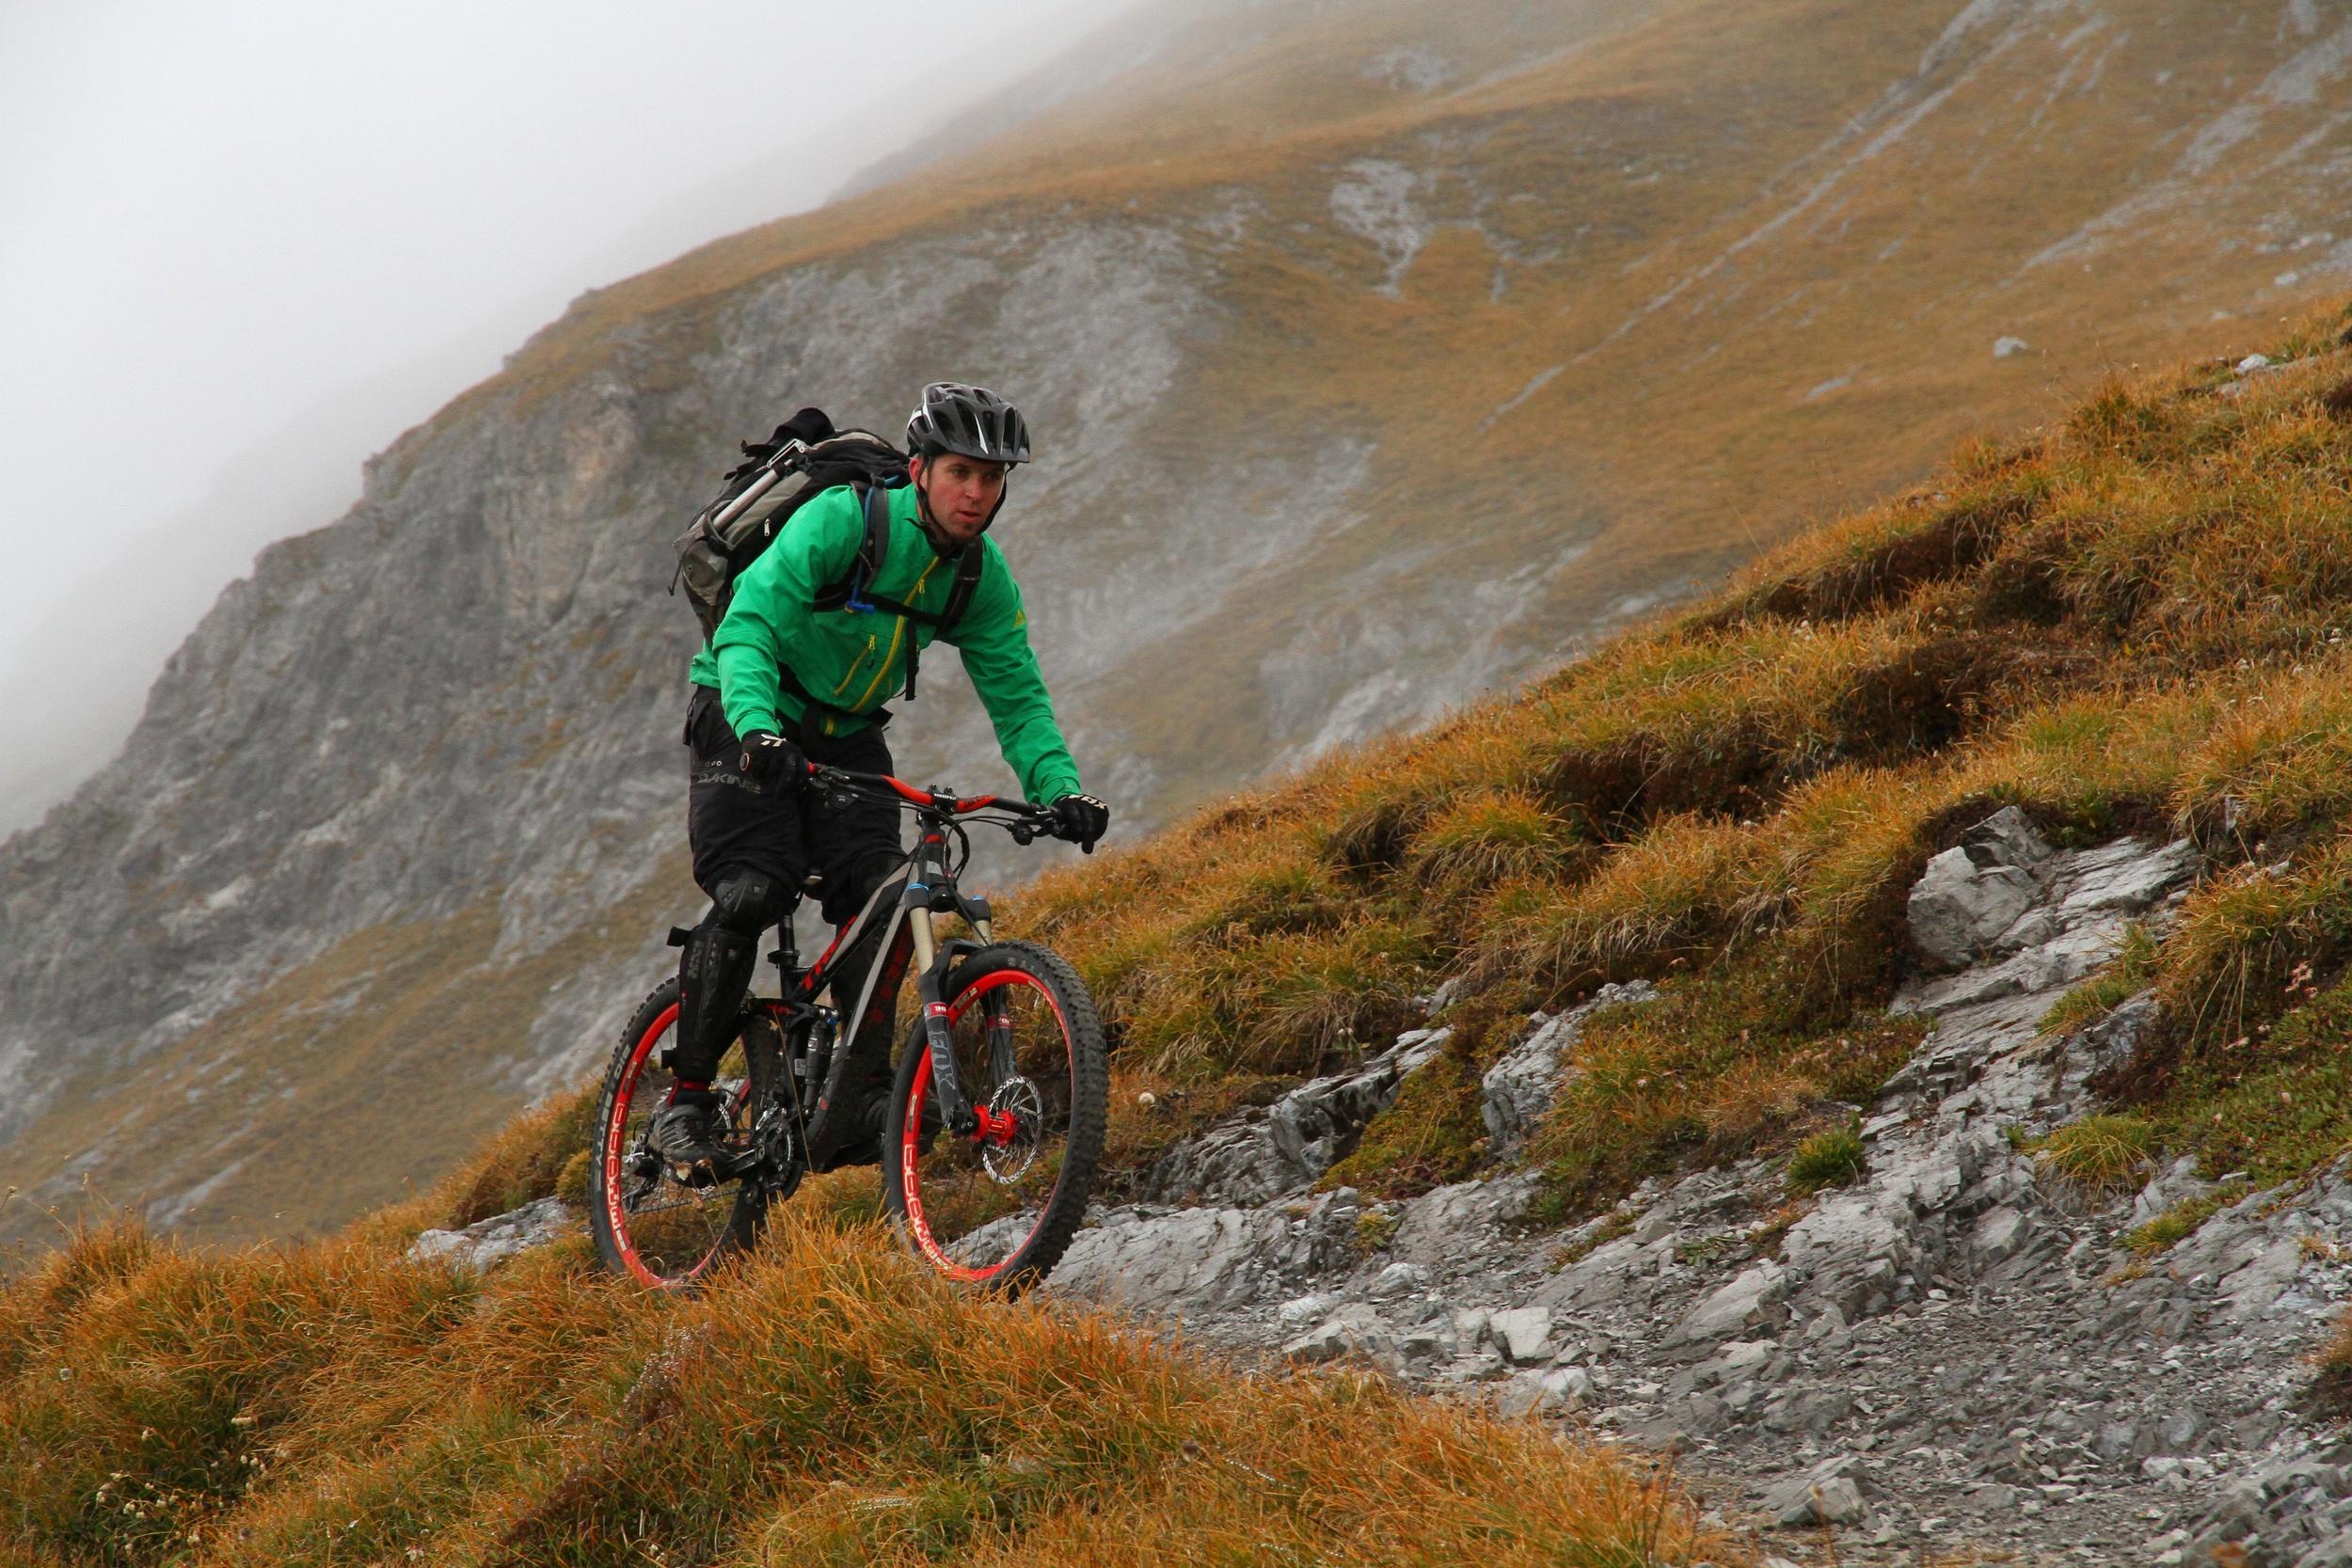 """Beim Mountainbiken gibt es Regeln, die ich auf mein ganzes Leben anwende und ich meine damit nicht nur """"Wer bremst verliert"""". Es geht um eine viel elementarere Regel: """"Blick immer nach vorne!"""" Wer sich nur einmal auf die Steine direkt vor seiner Nase konzentriert, wird mit grösster Wahrscheinlichkeit auf das eben genannte Sinnesorgan fallen."""